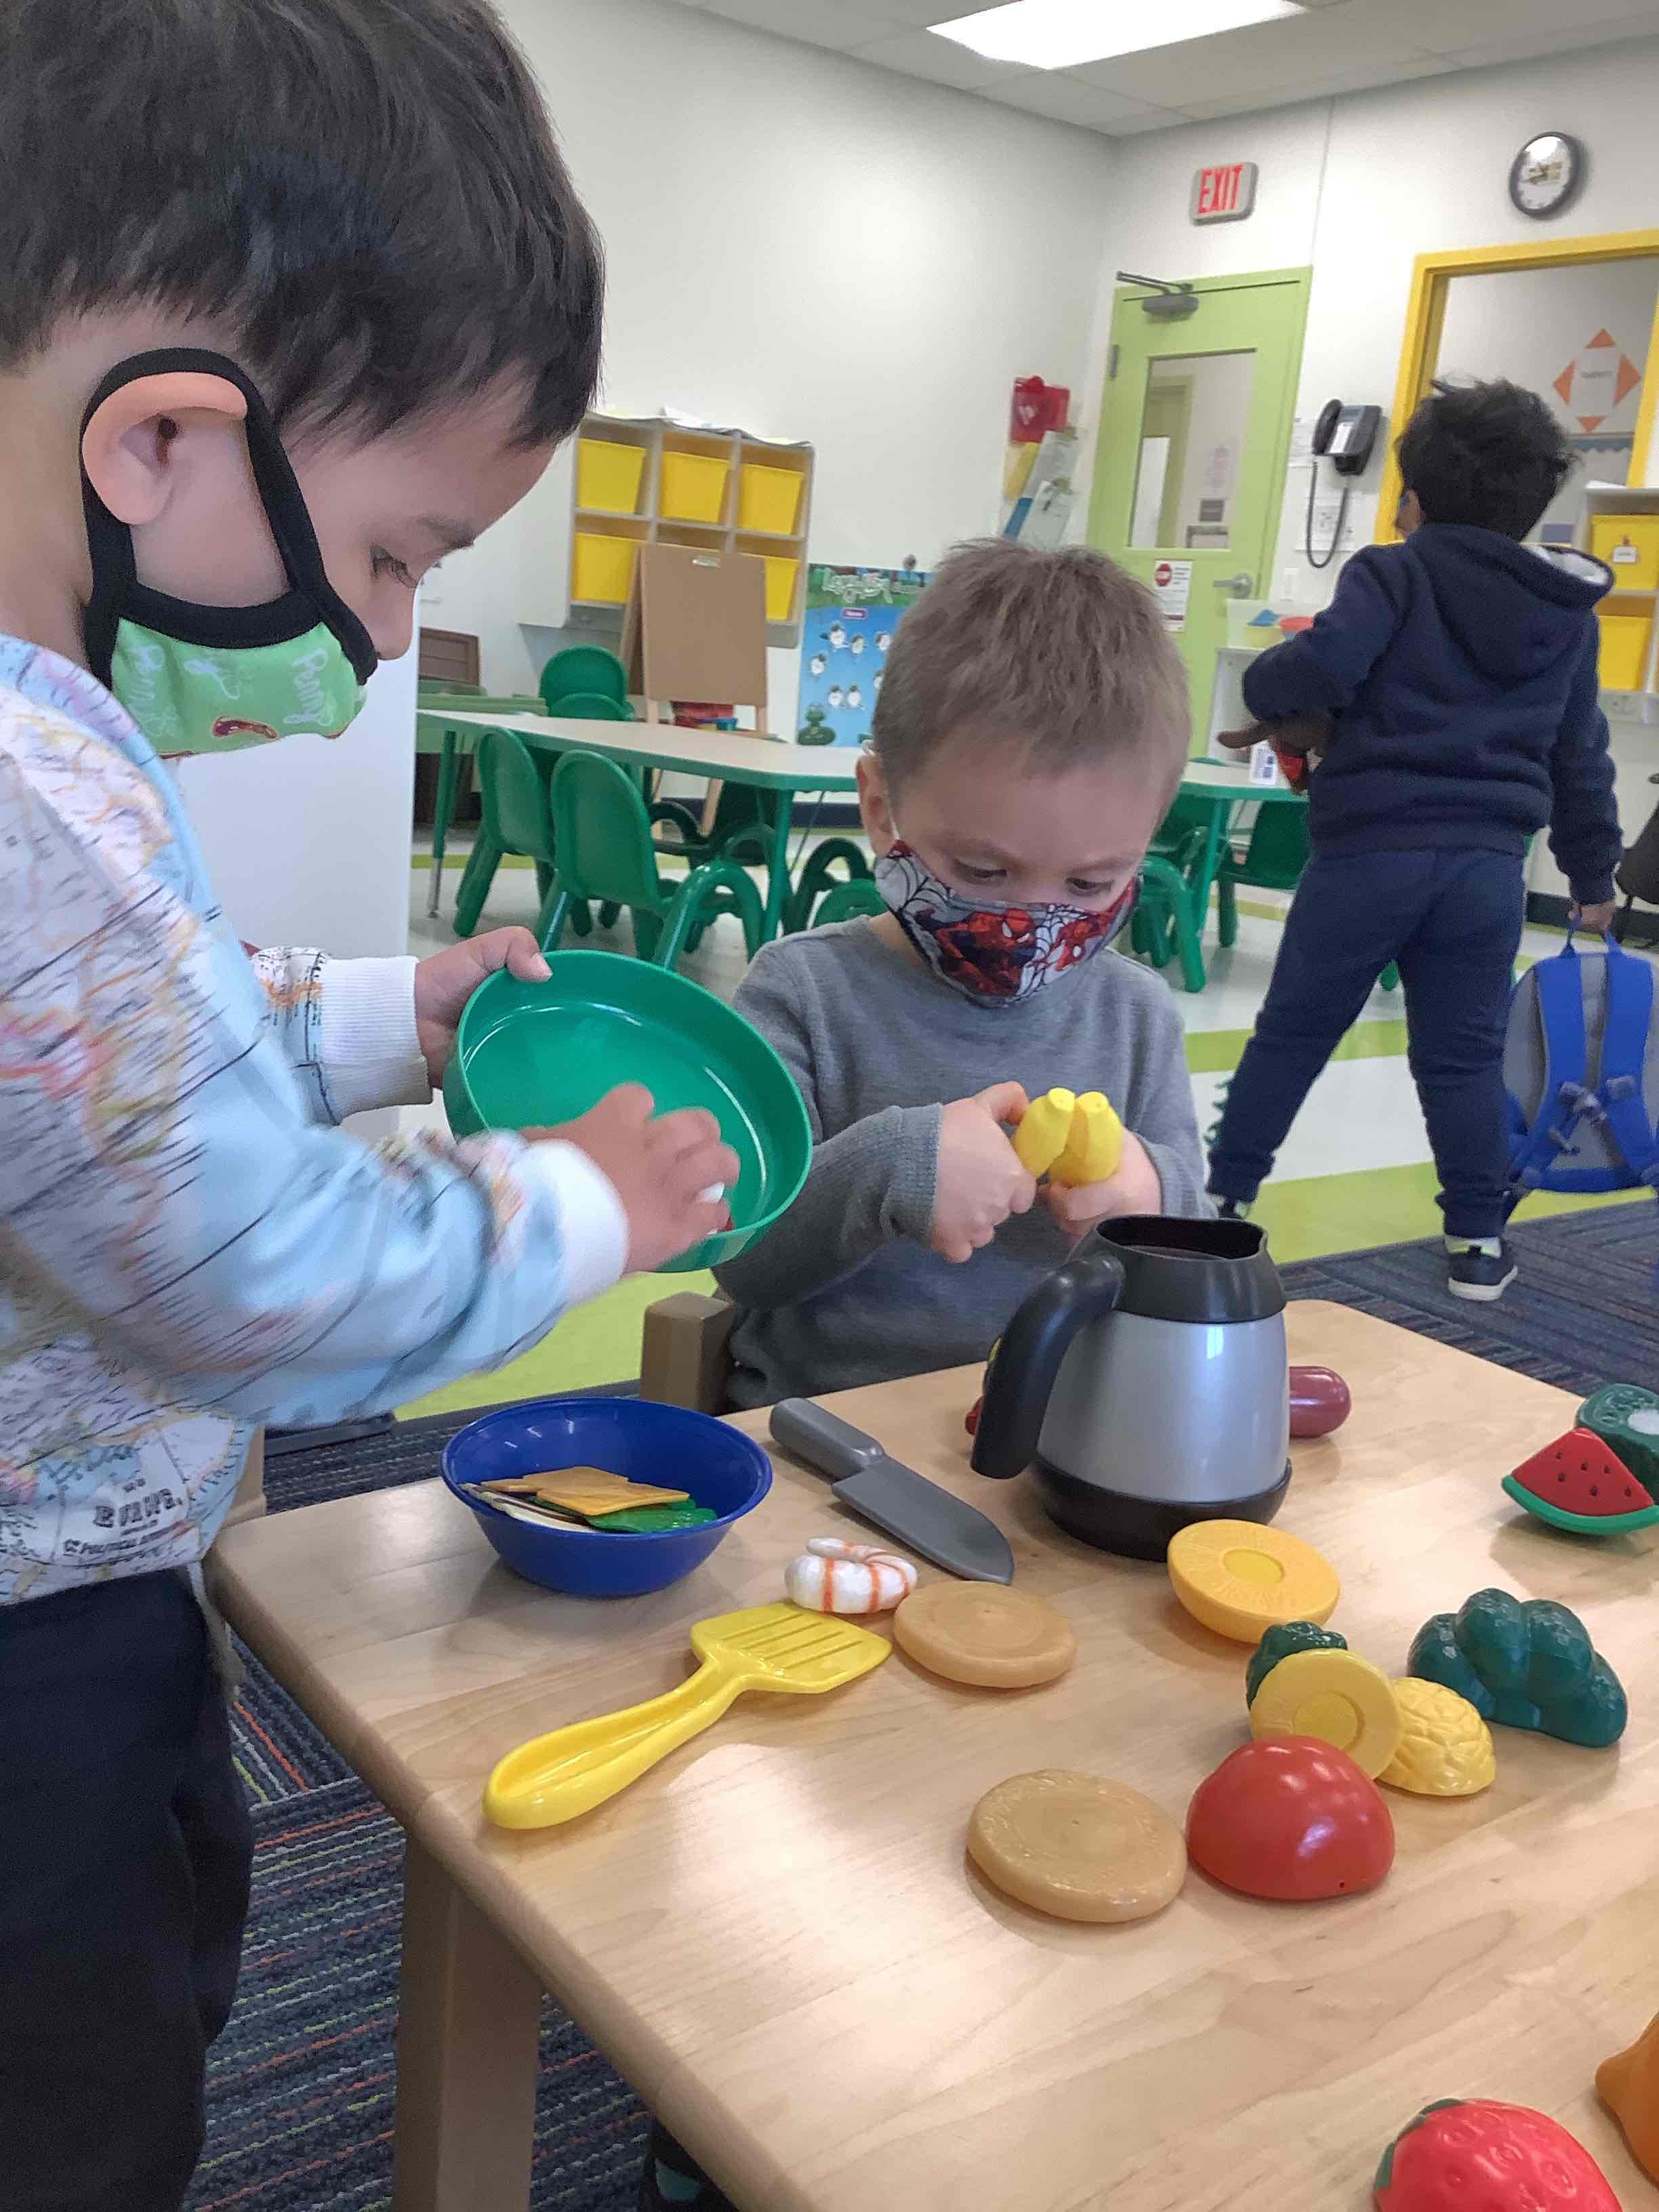 Preschoolers Active Play